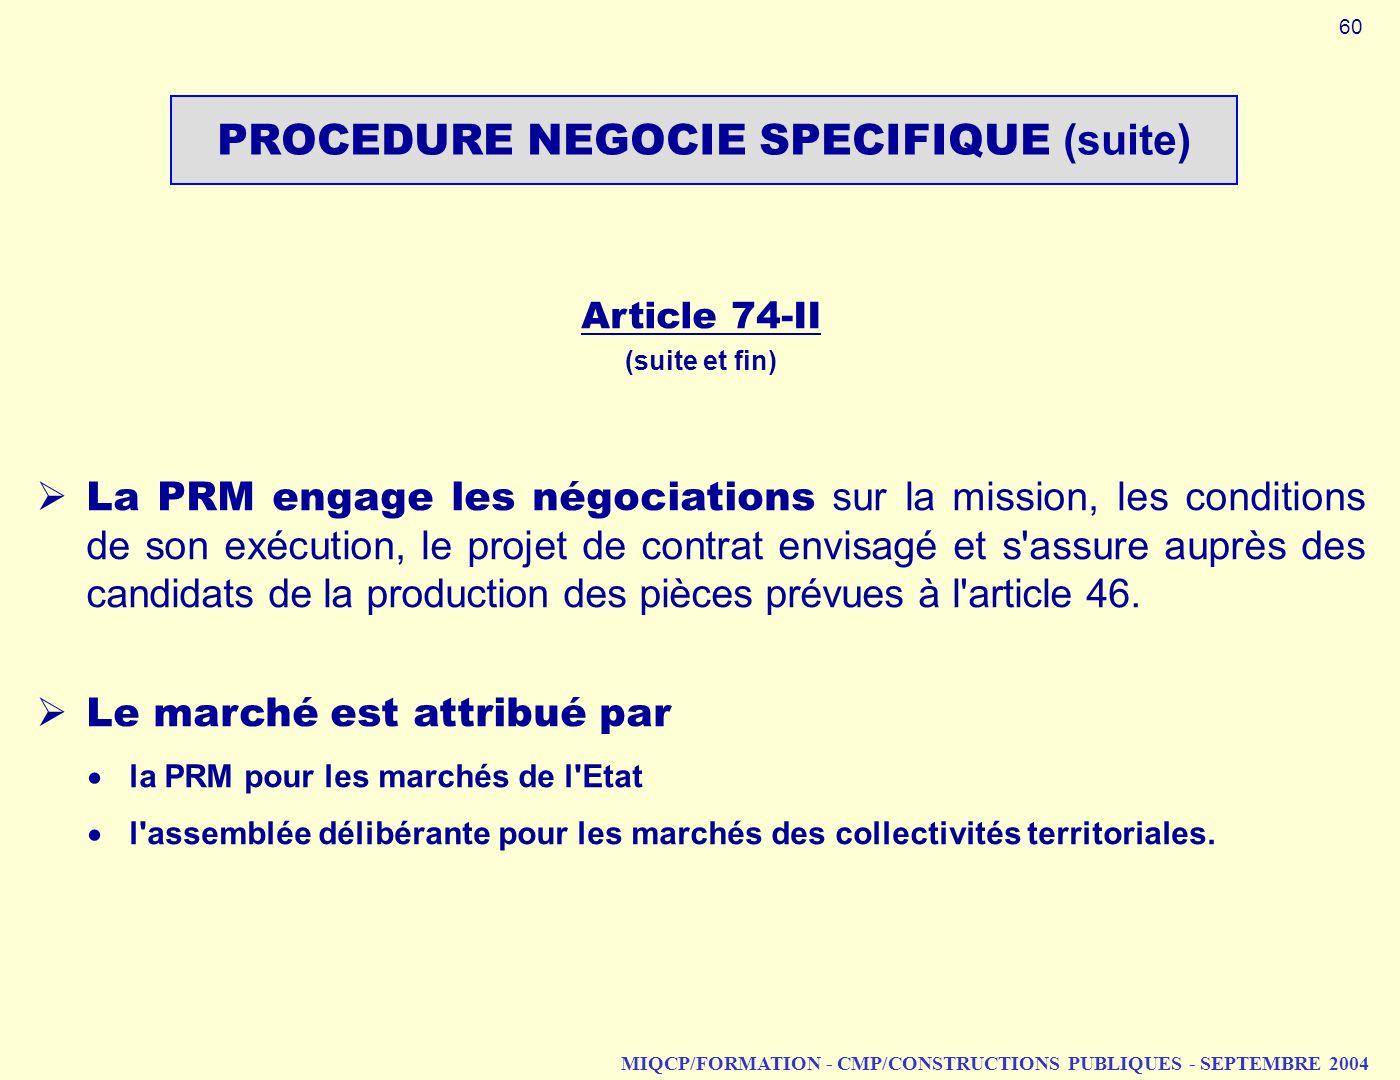 MIQCP/FORMATION - CMP/CONSTRUCTIONS PUBLIQUES - SEPTEMBRE 2004 Article 74 II (suite et fin) La PRM engage les négociations sur la mission, les conditi